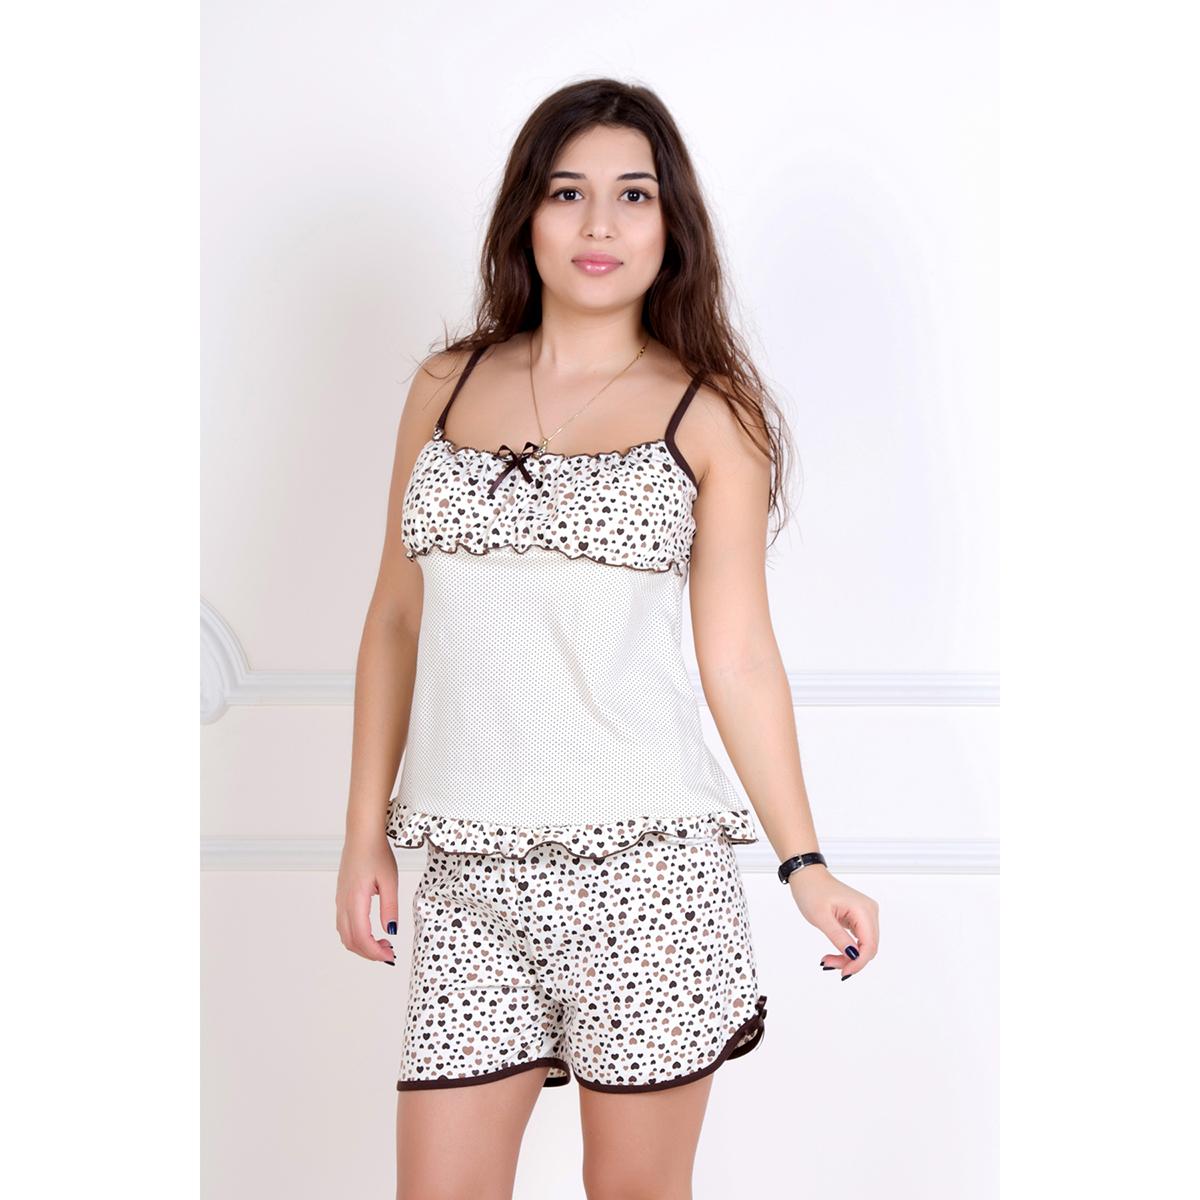 Женский пижама Мимоза Бежевый, размер 42Пижамы и ночные сорочки<br>Обхват груди:84 см<br>Обхват талии:65 см<br>Обхват бедер:92 см<br>Рост:167 см<br><br>Тип: Жен. костюм<br>Размер: 42<br>Материал: Кулирка